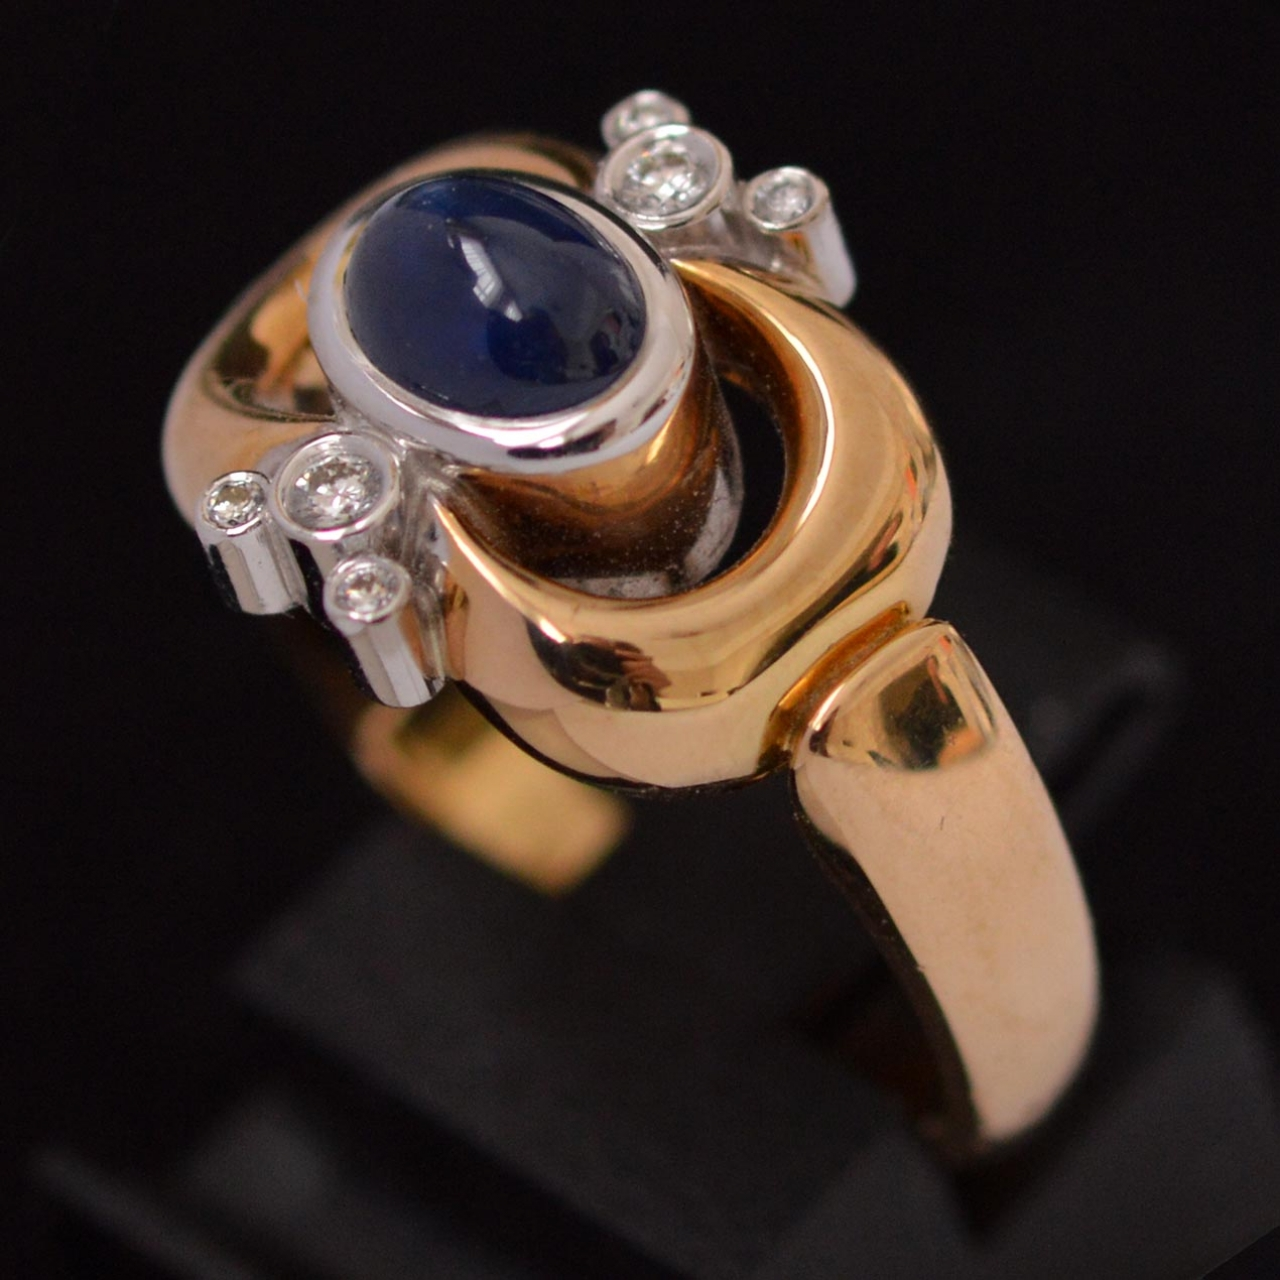 Georg Jensen, ring, circa 1970. Foto David Aardewerk, goud, cabochon geslepen saffier, briljant geslepen diamanten, gesigneerd